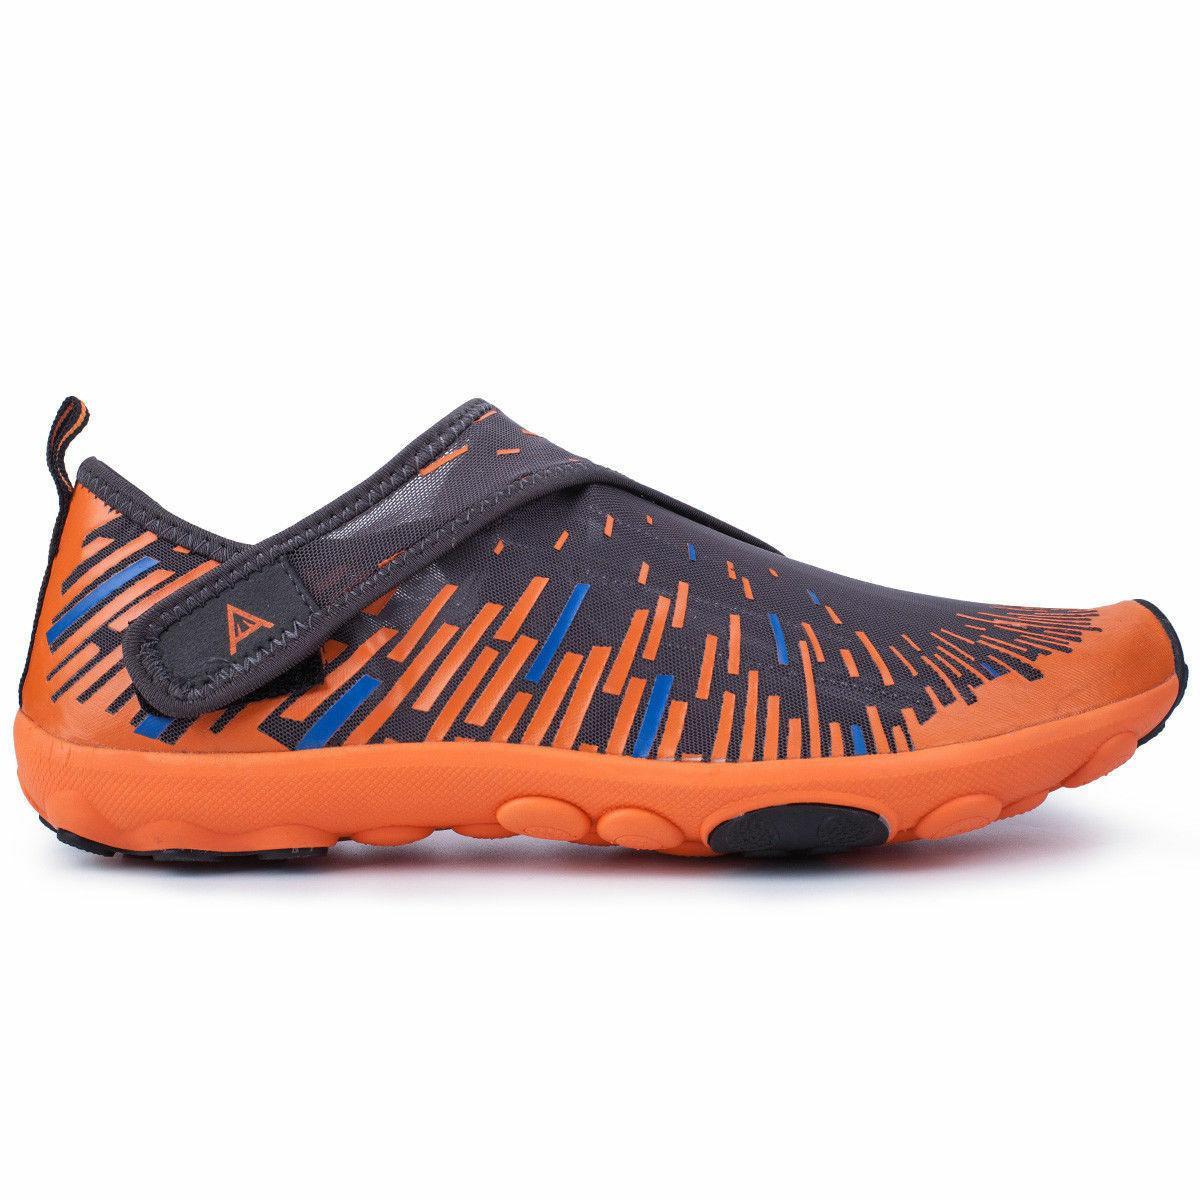 2019 mens aqua water shoes quick dry